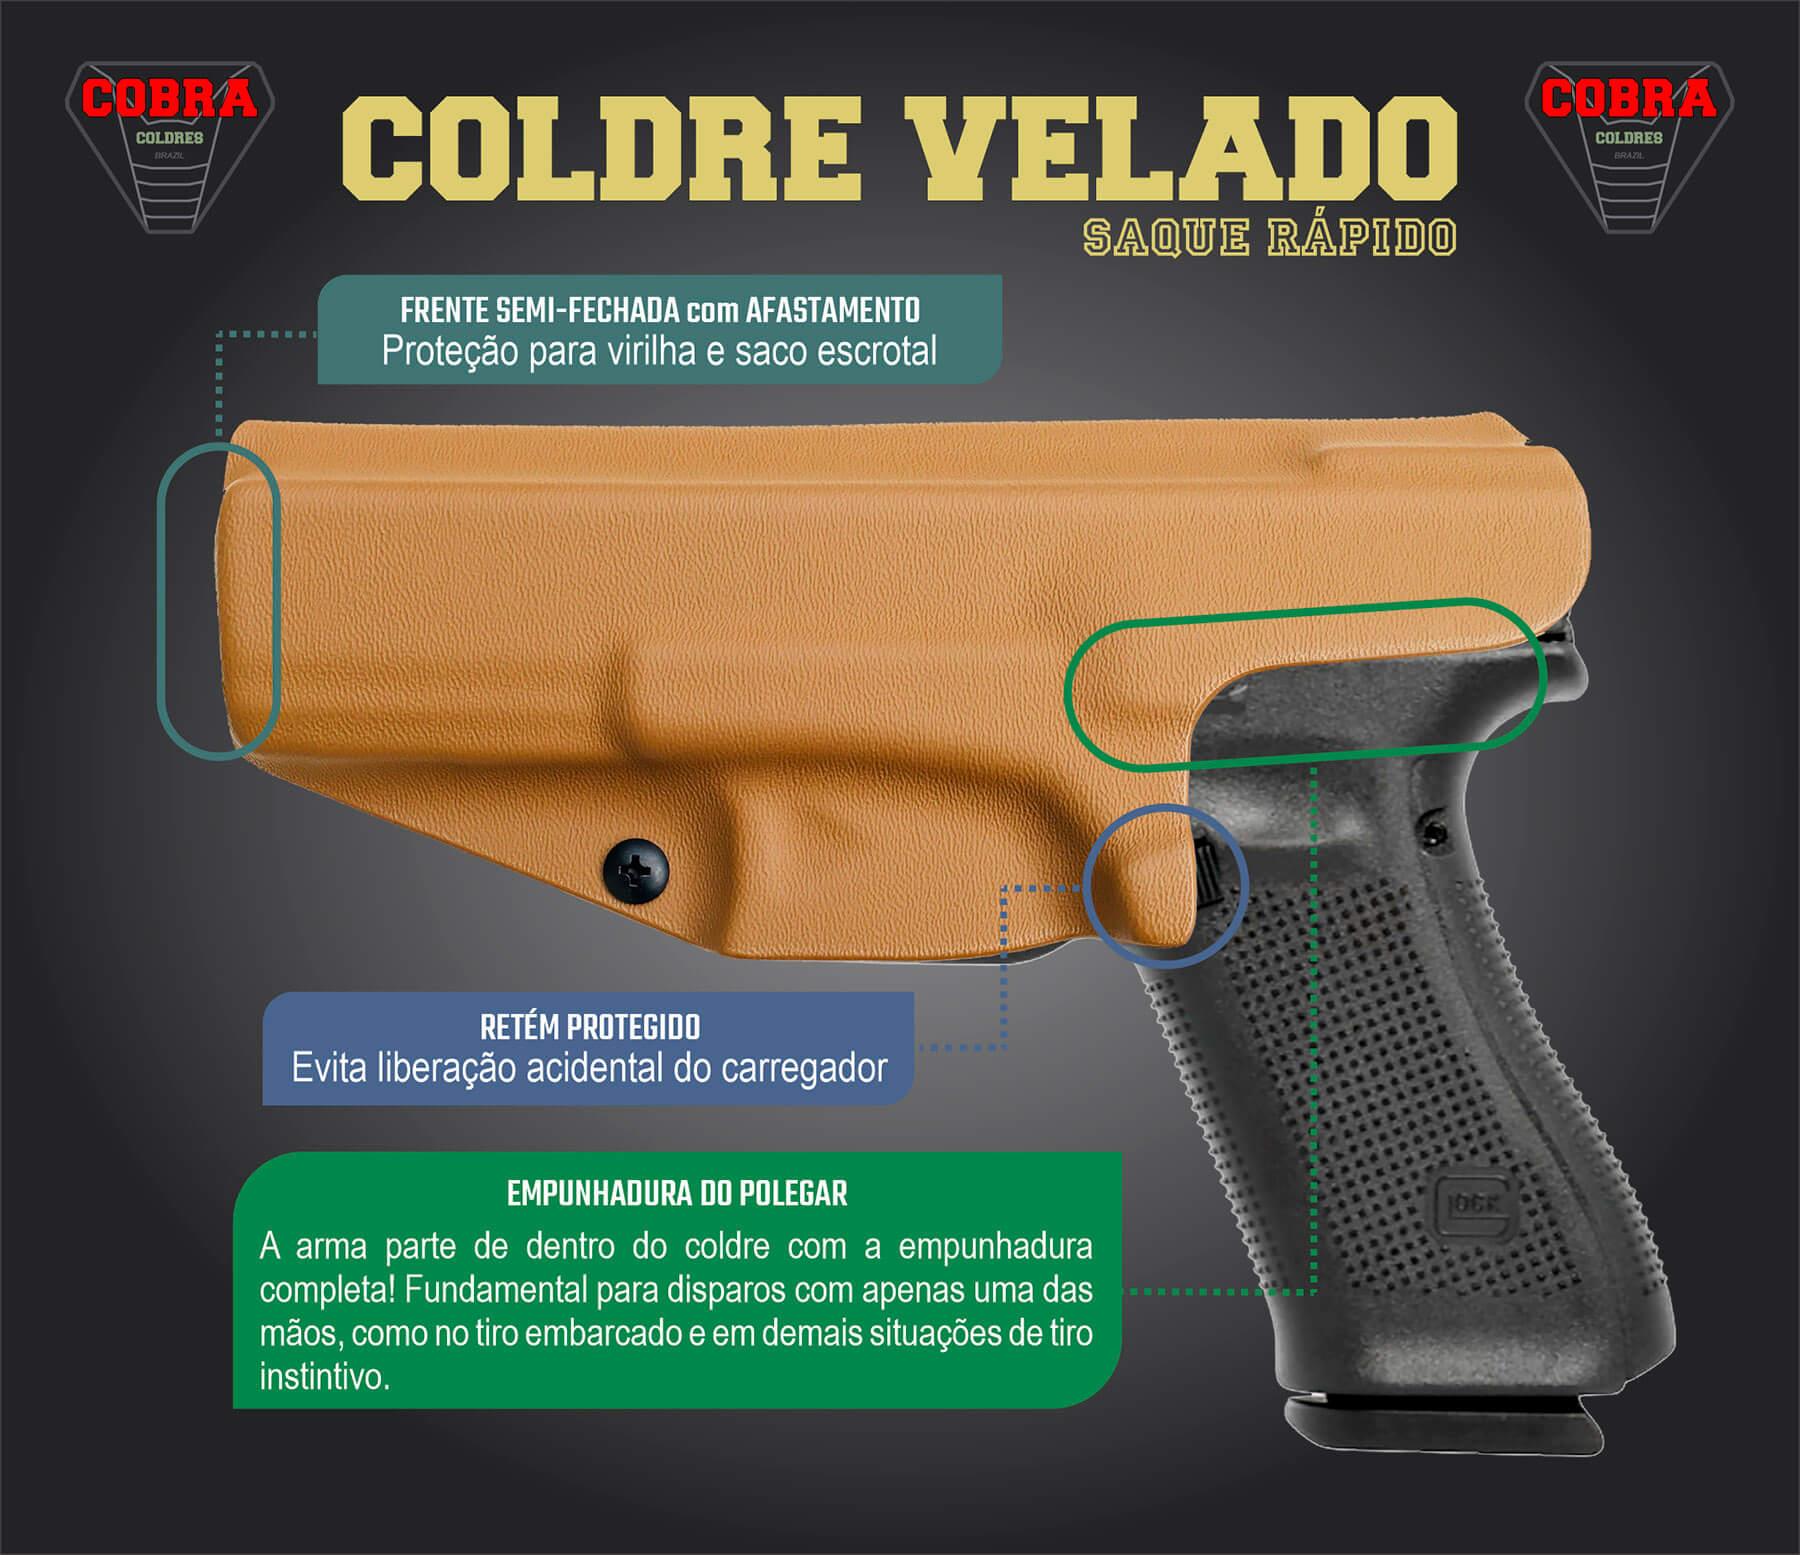 Coldre [Beretta] [APX] 9mm [Full Size] Kydex + 1 Porta-Carregador Universal - Saque Rápido Velado Kydex® 080